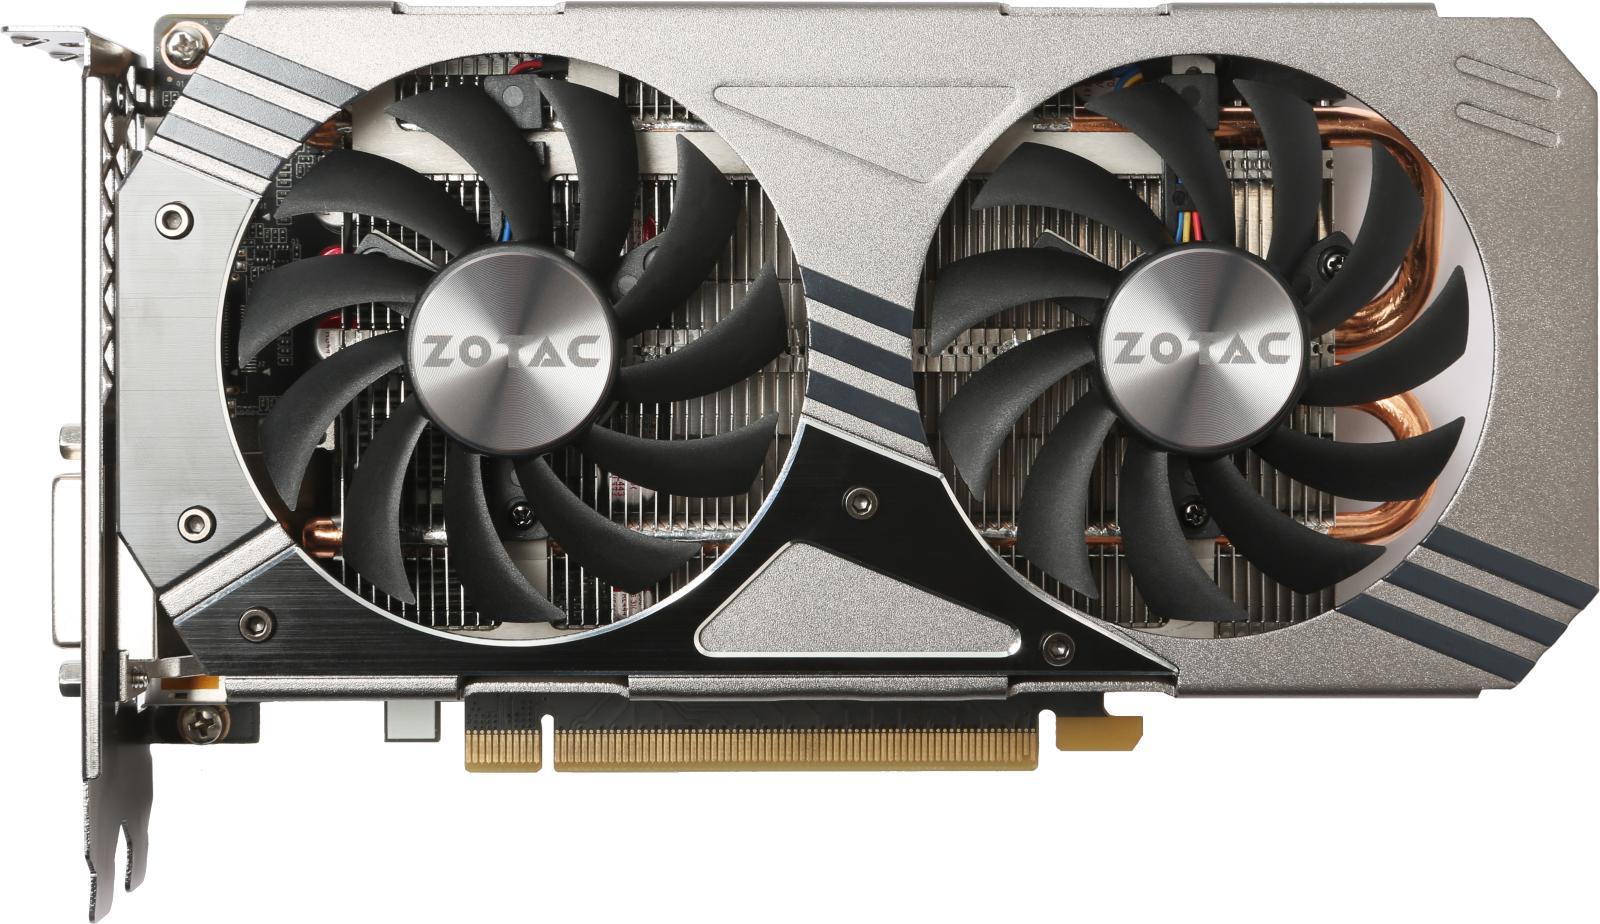 Zotac GeForce GTX 960